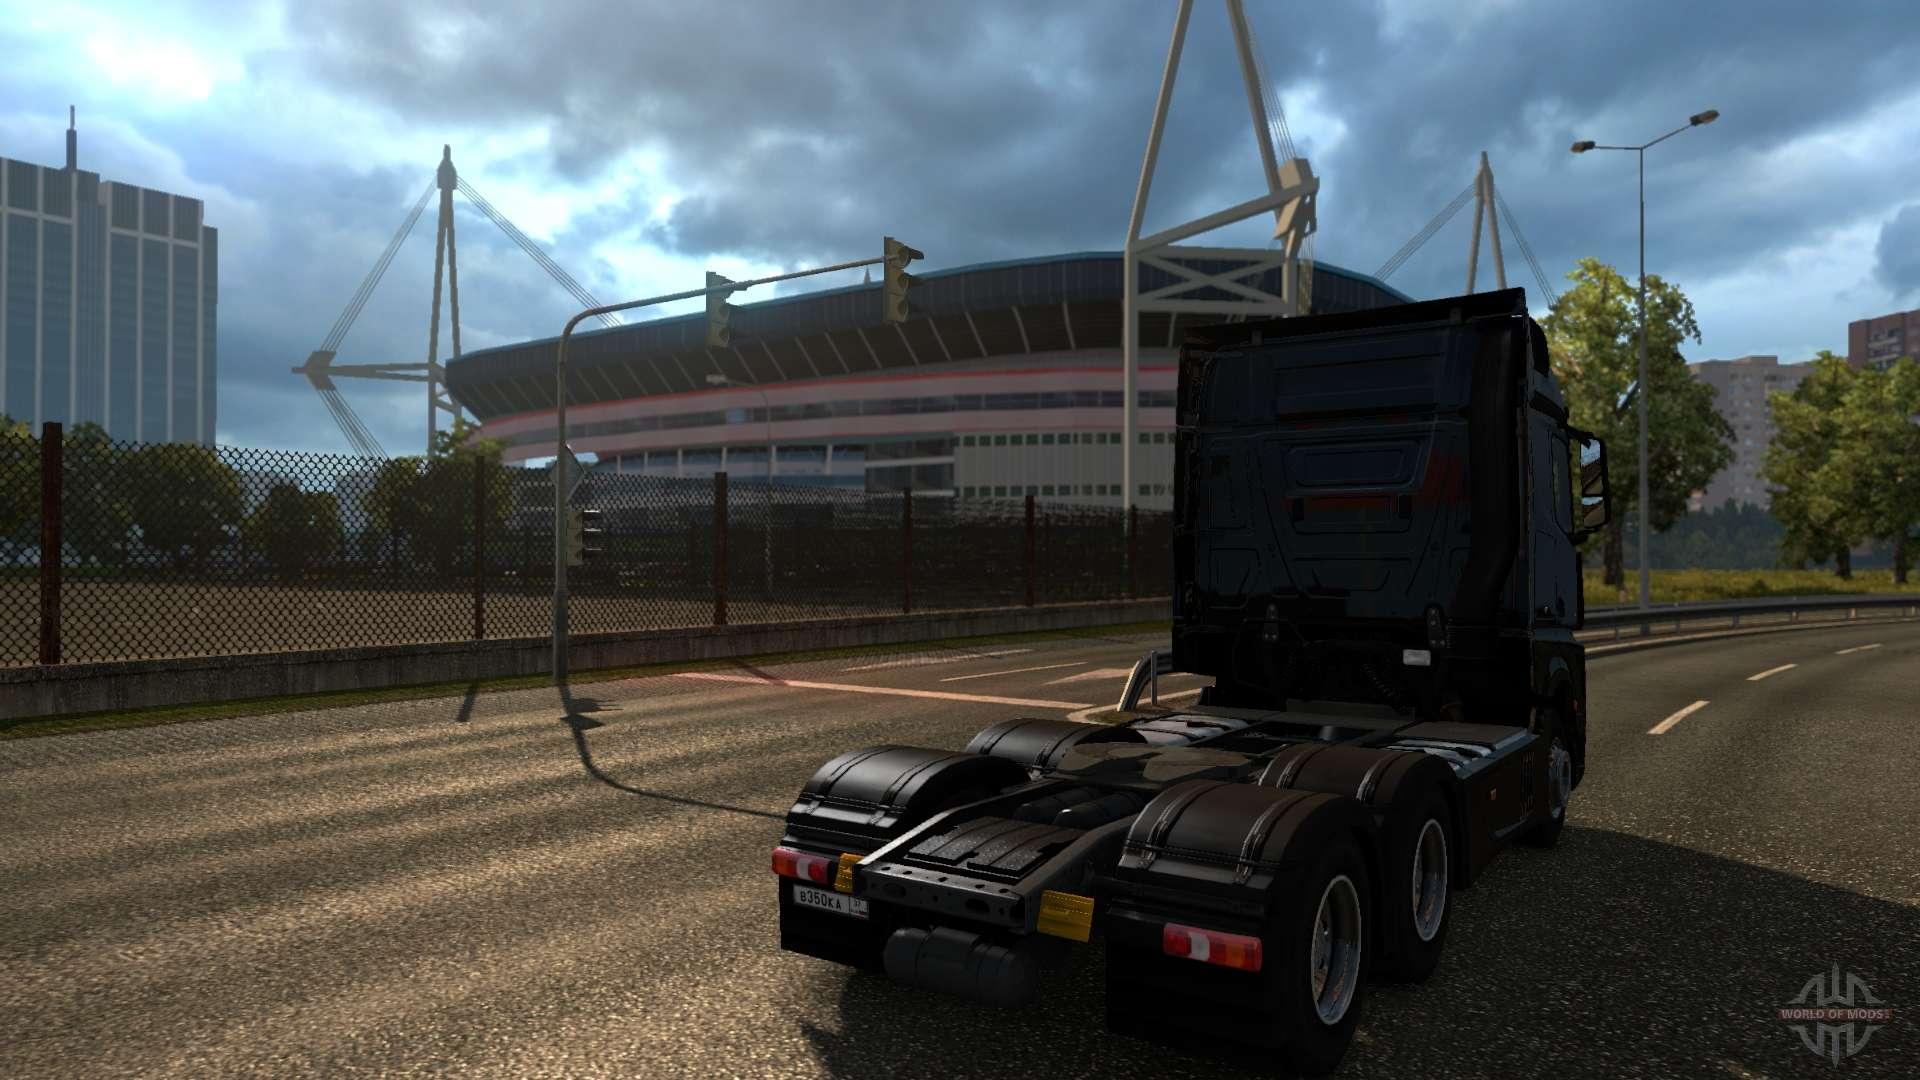 euro truck simulator 2 1.31 download tpb